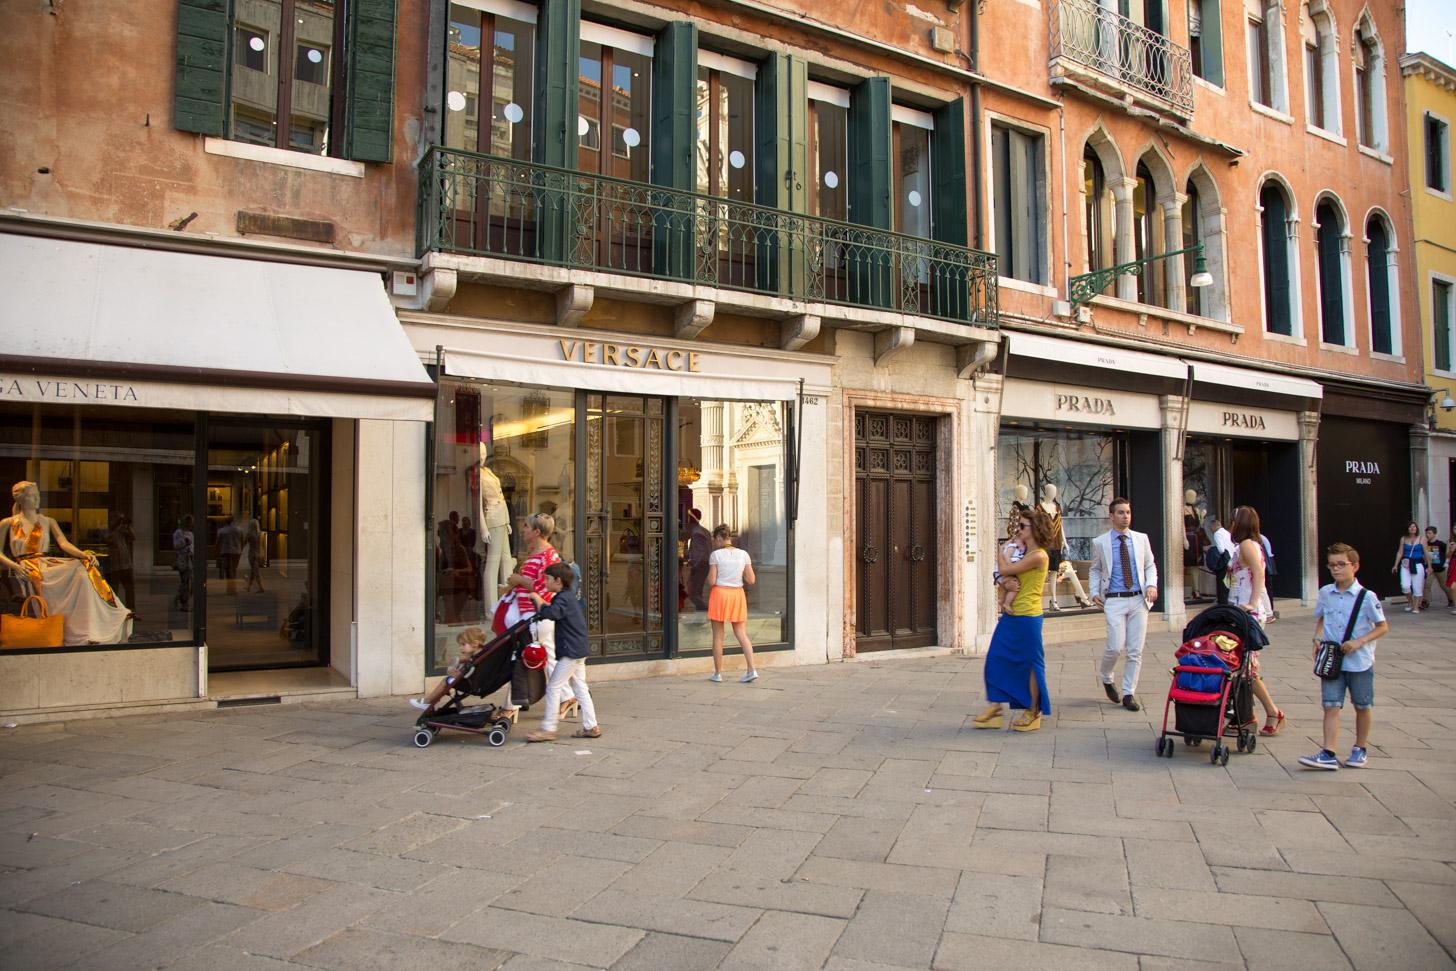 Dure winkels in Venetië